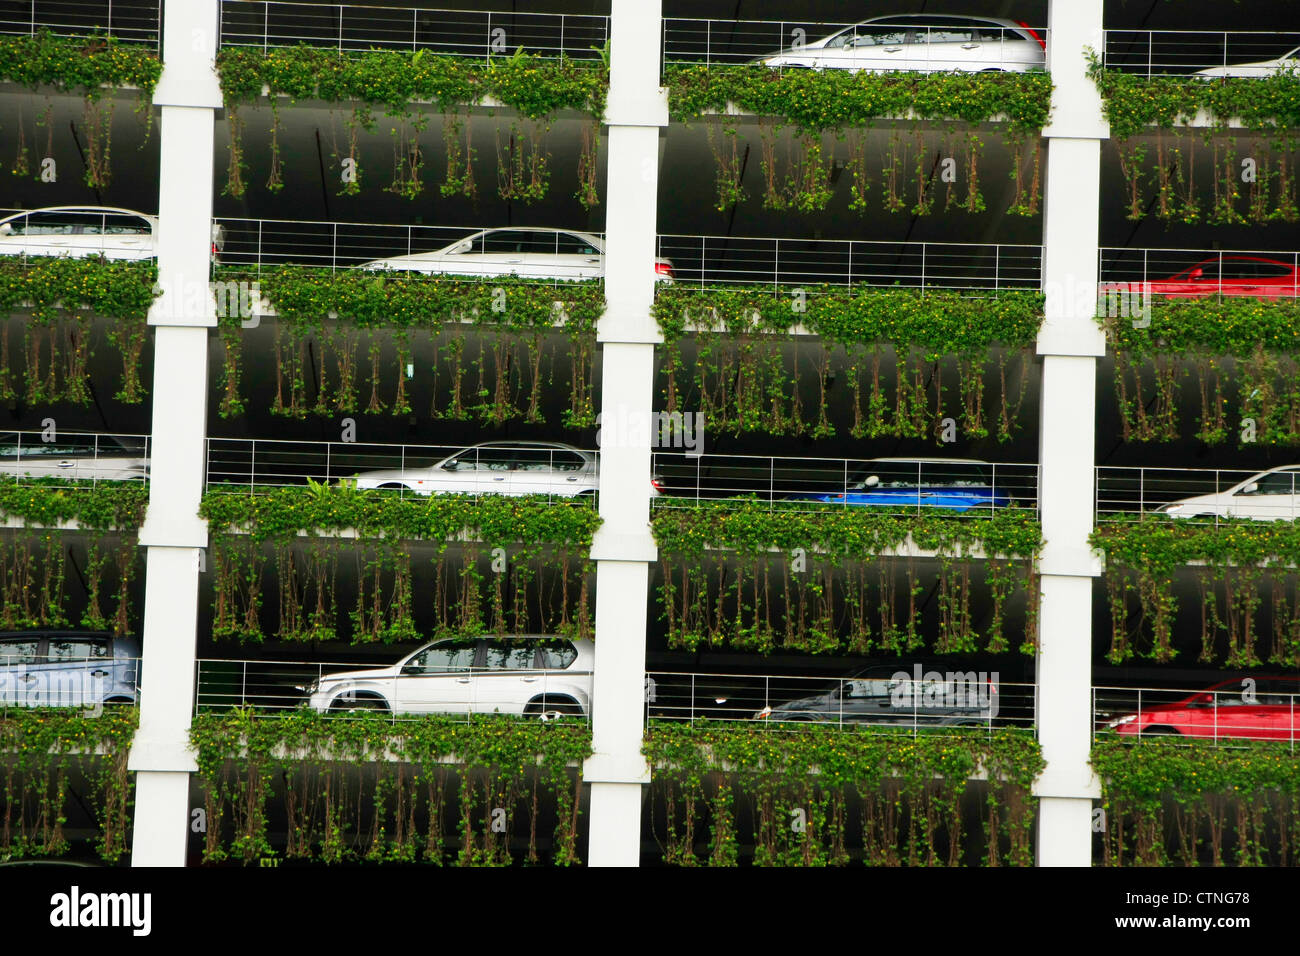 Aparcamiento de varios pisos garaje, Bandar Seri Begawan, Brunei, en el sudeste de Asia Foto de stock